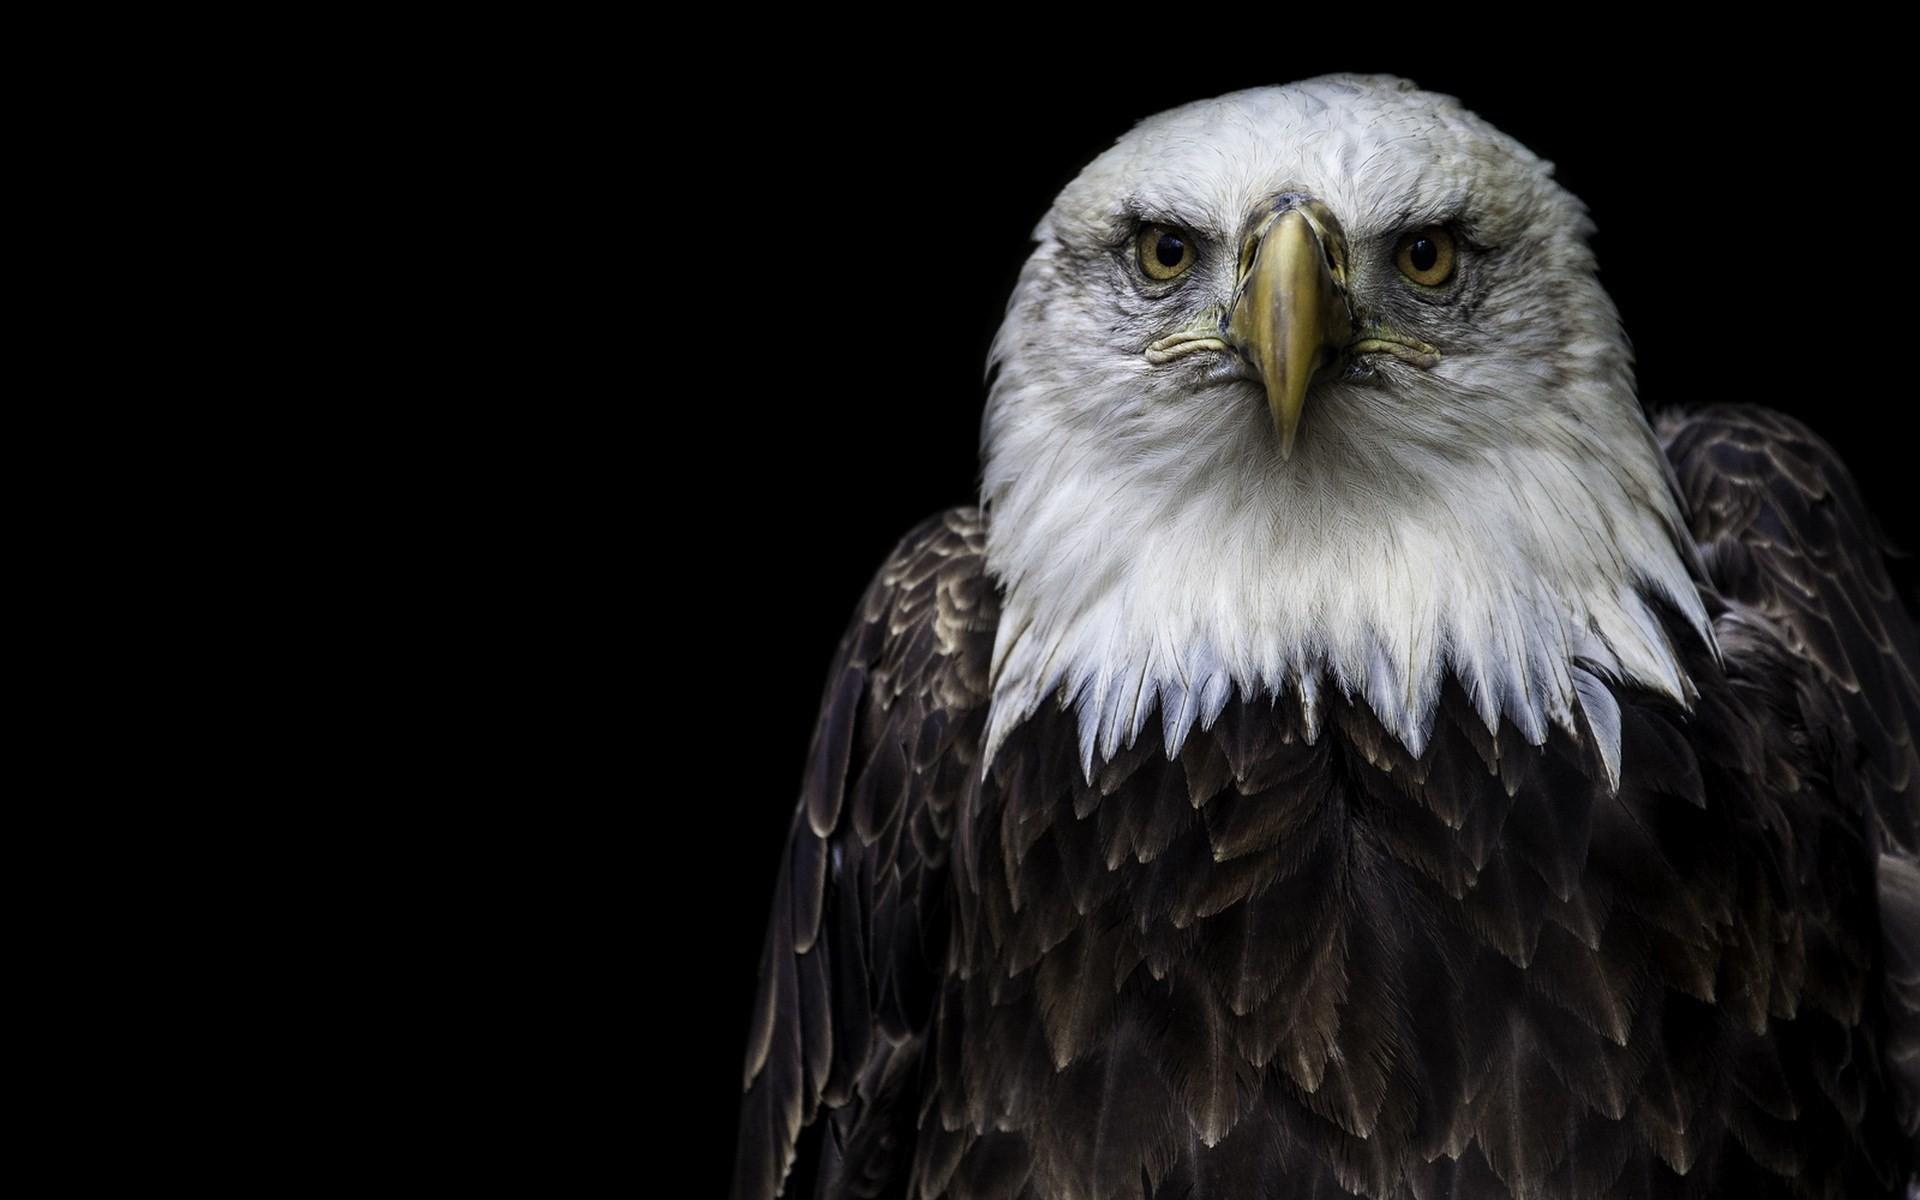 Free computer bald eagle wallpaper, Hollis Peacock 2017-03-04